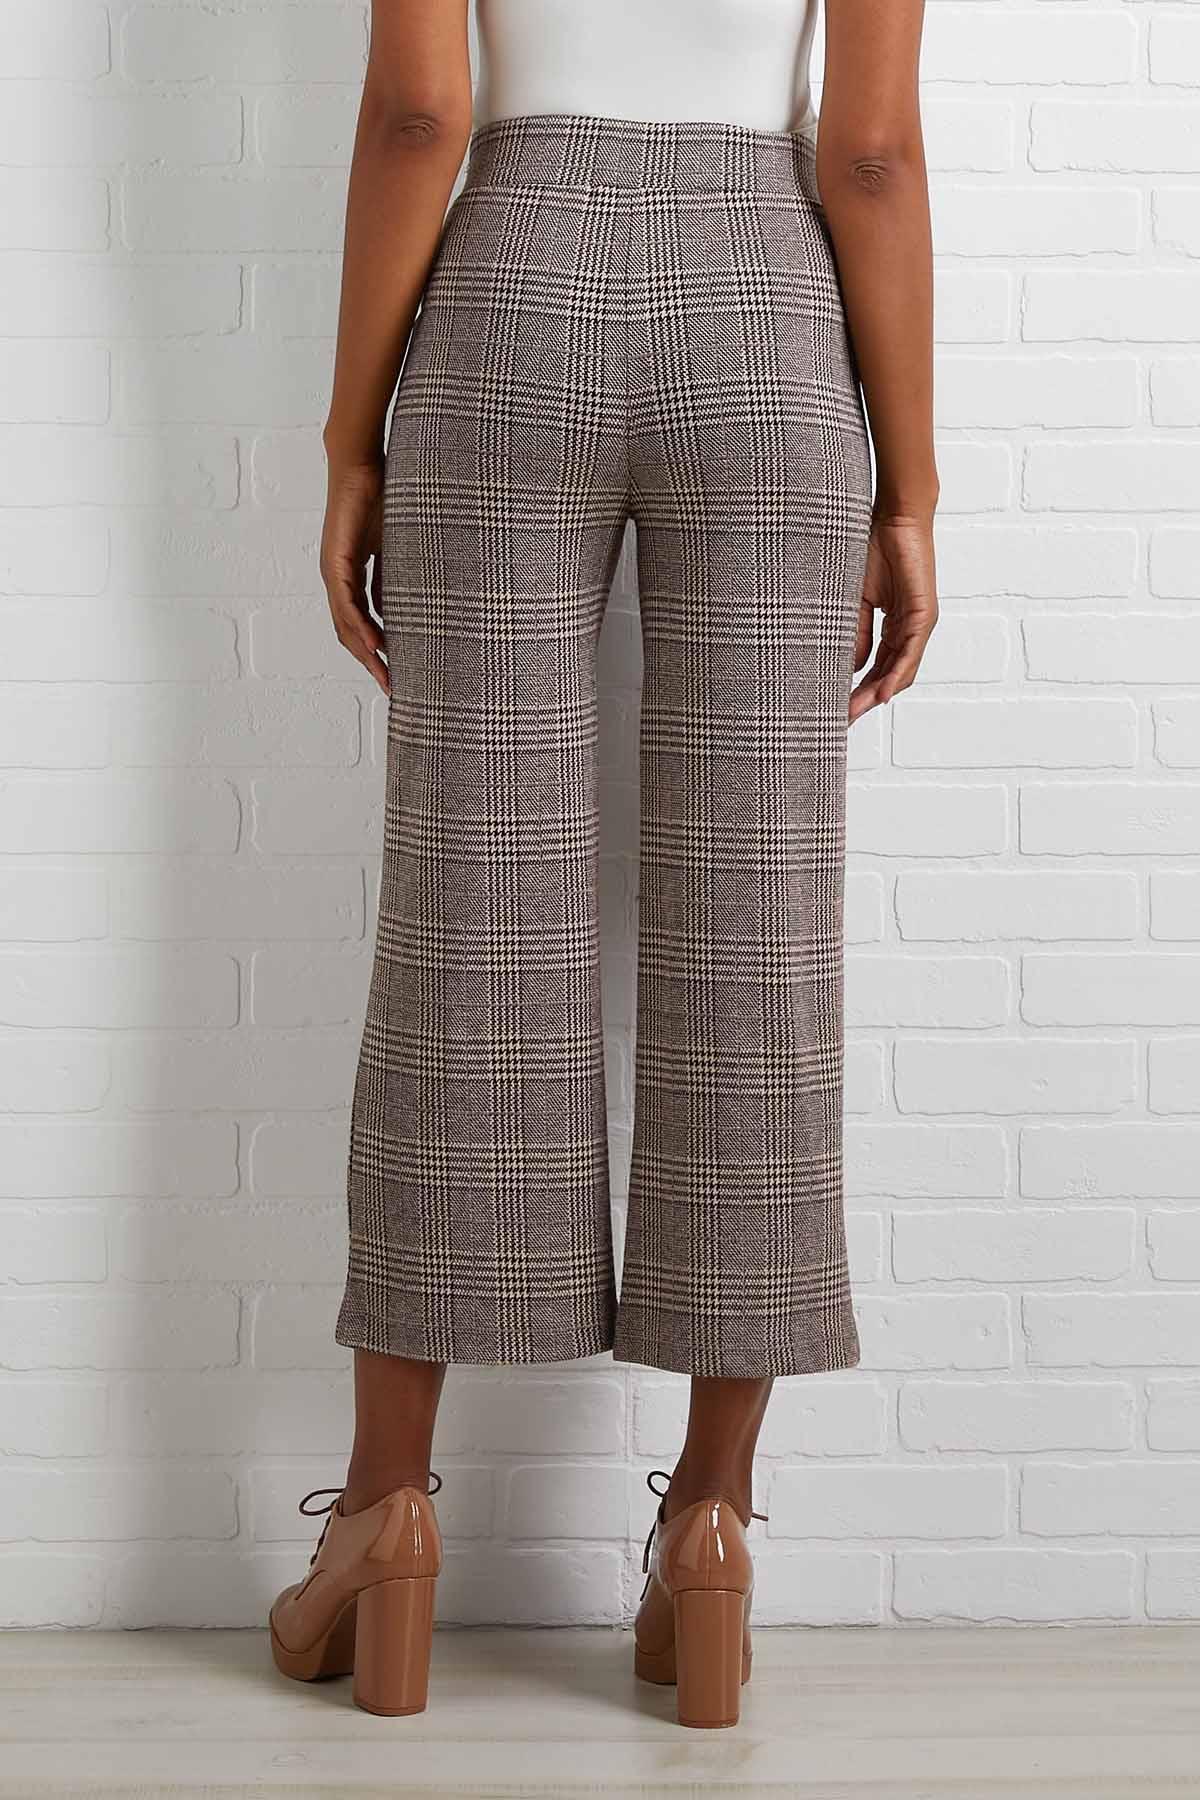 Suits You Best Pants